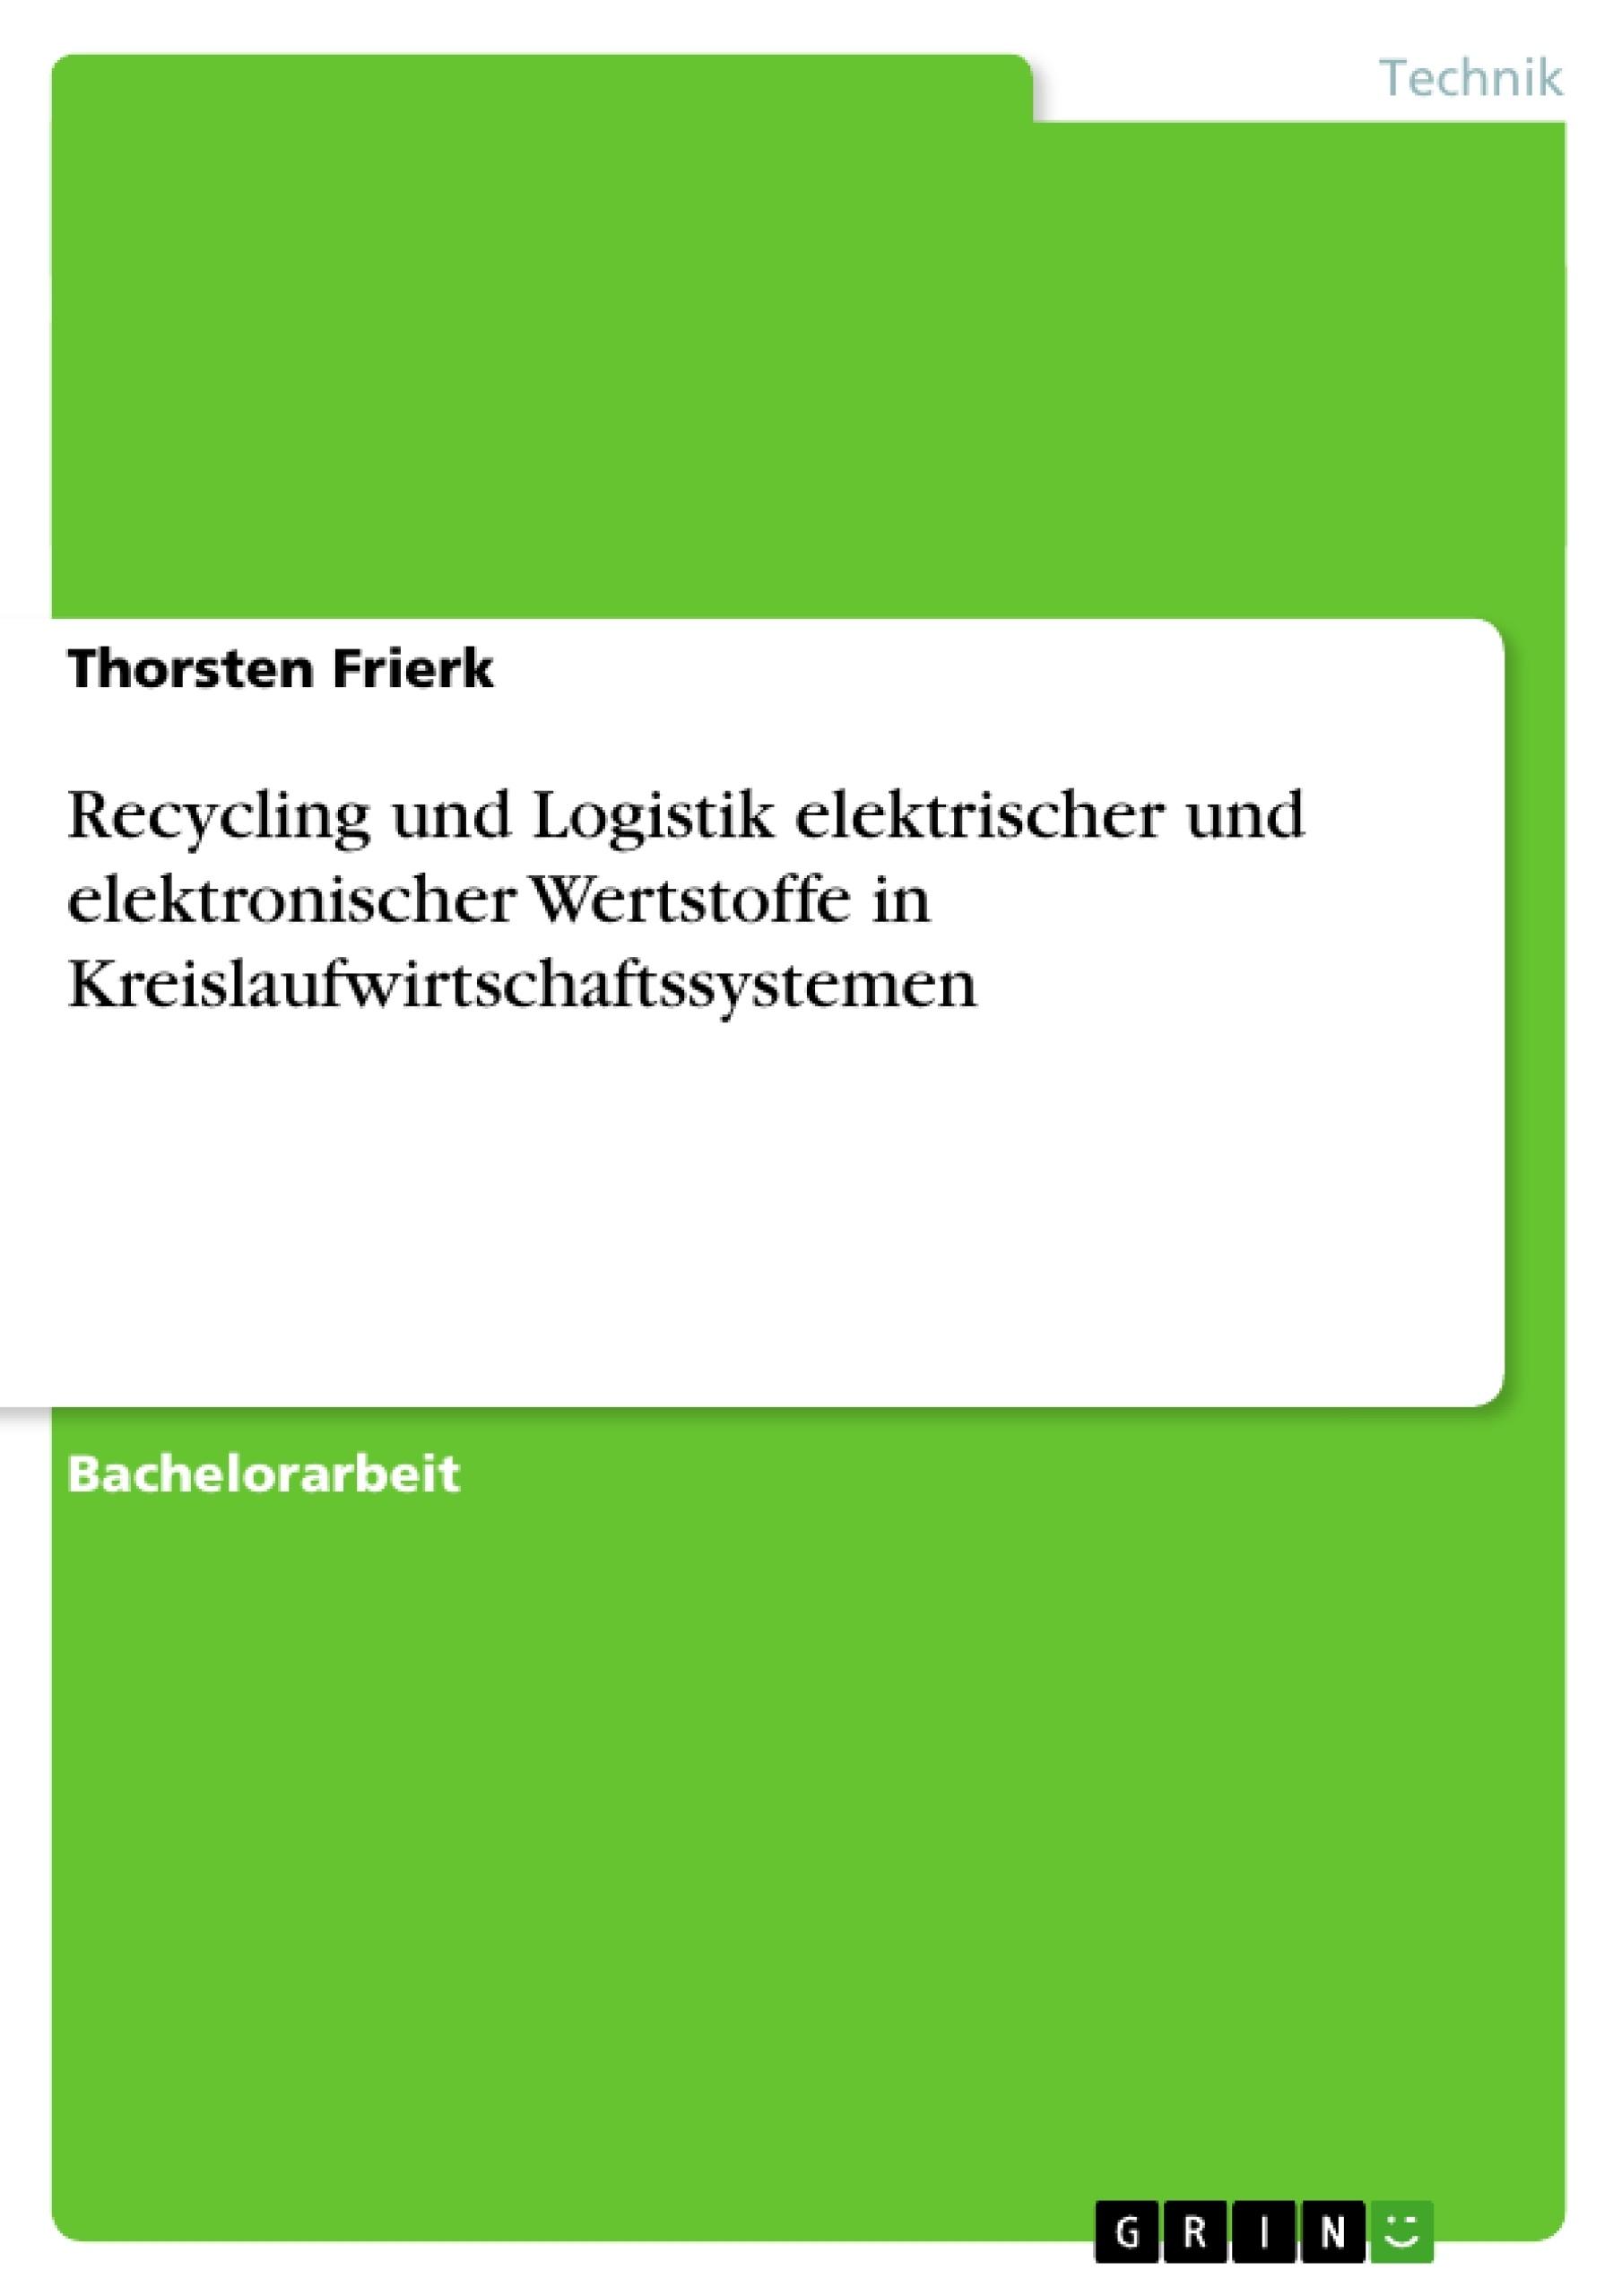 Beste Heizungsdiagramme Für Wohngebäude Bilder - Der Schaltplan ...